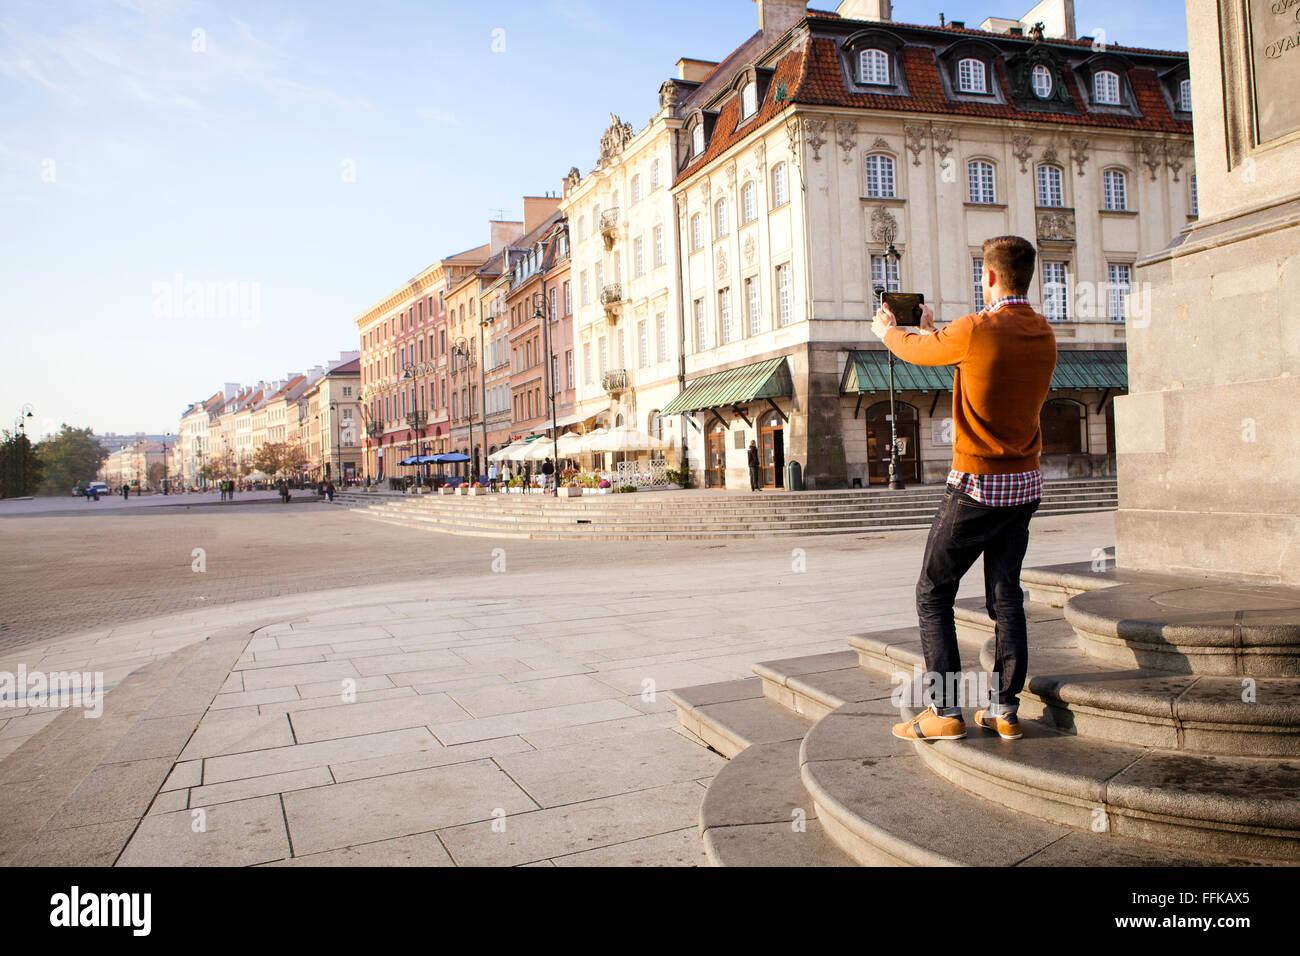 Mitte erwachsener Mann auf einer Städtereise Aufnahme eine Stockbild